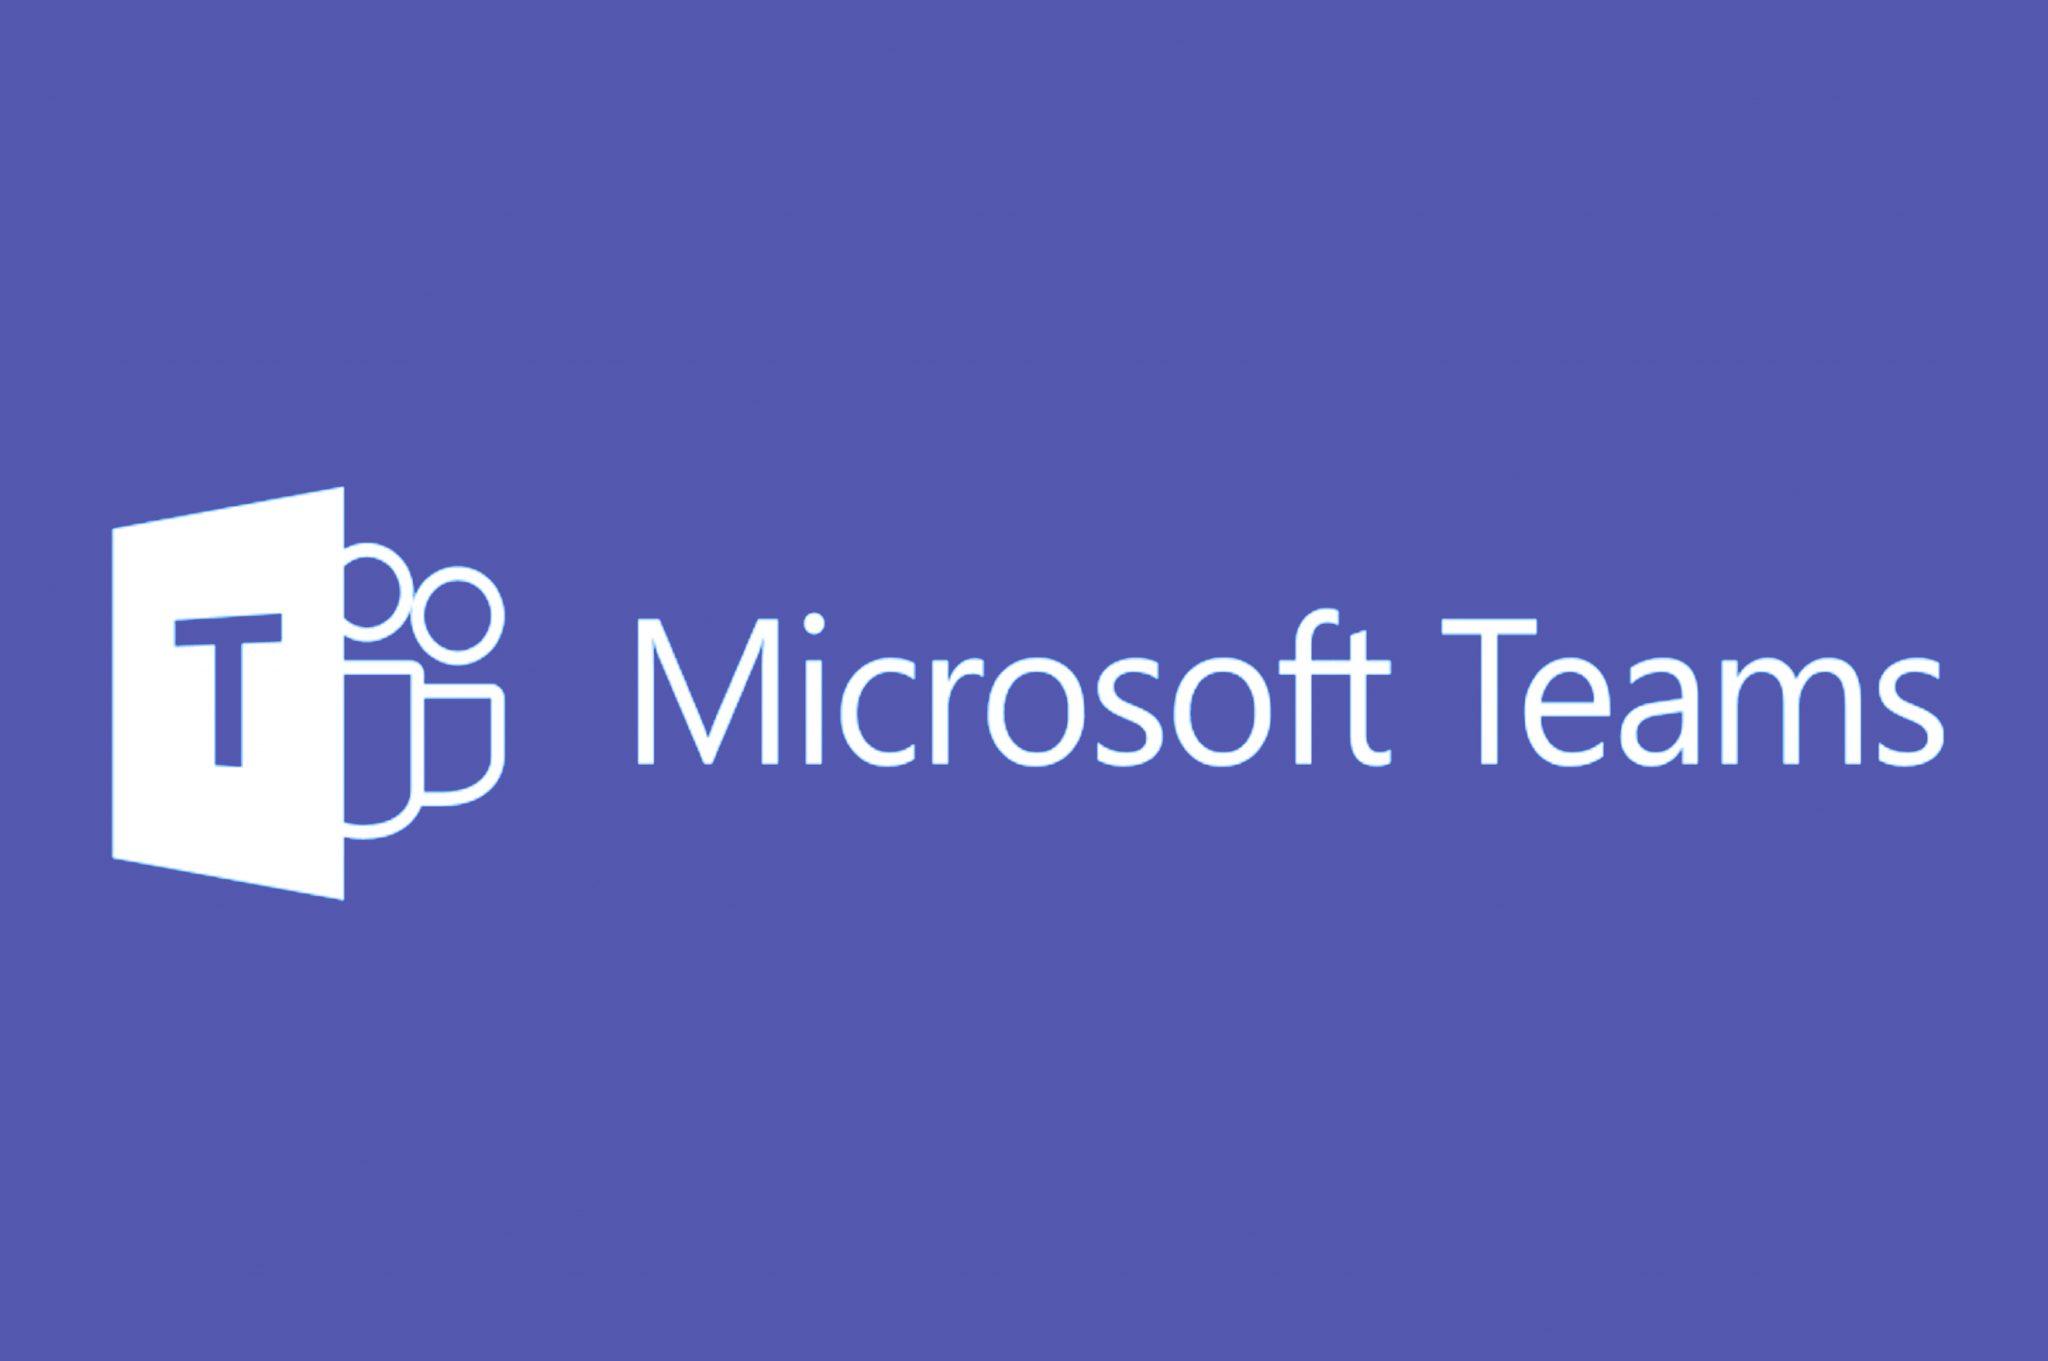 Microsoft Teams : Obtener un listado de todos los Teams existentes y sus miembros en un archivo CSV.